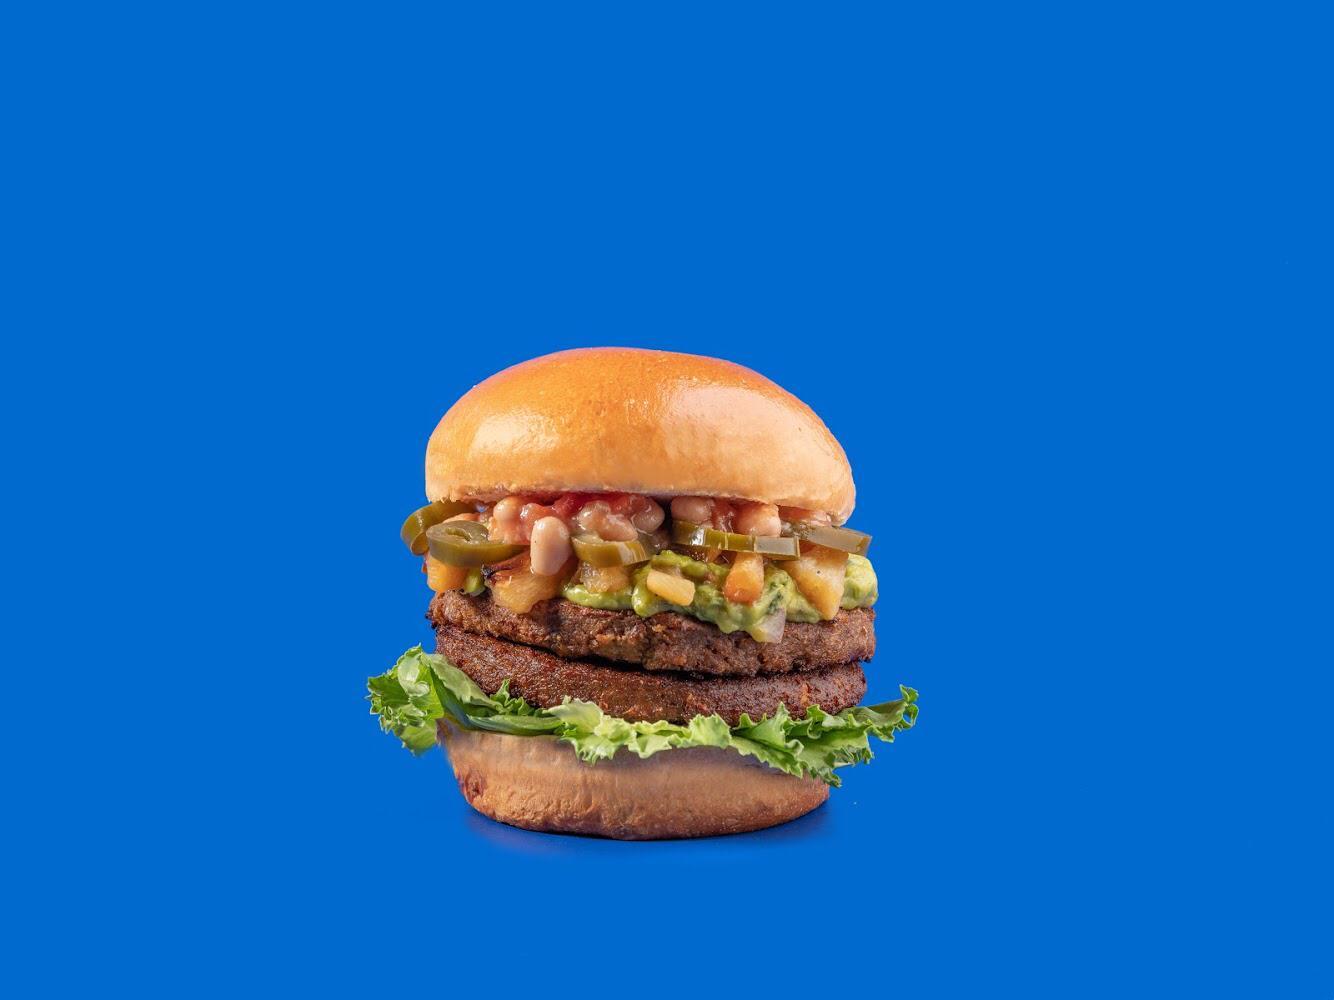 המבורגר טבעוני באנגוס. צילום: אנטולי מיכאלו